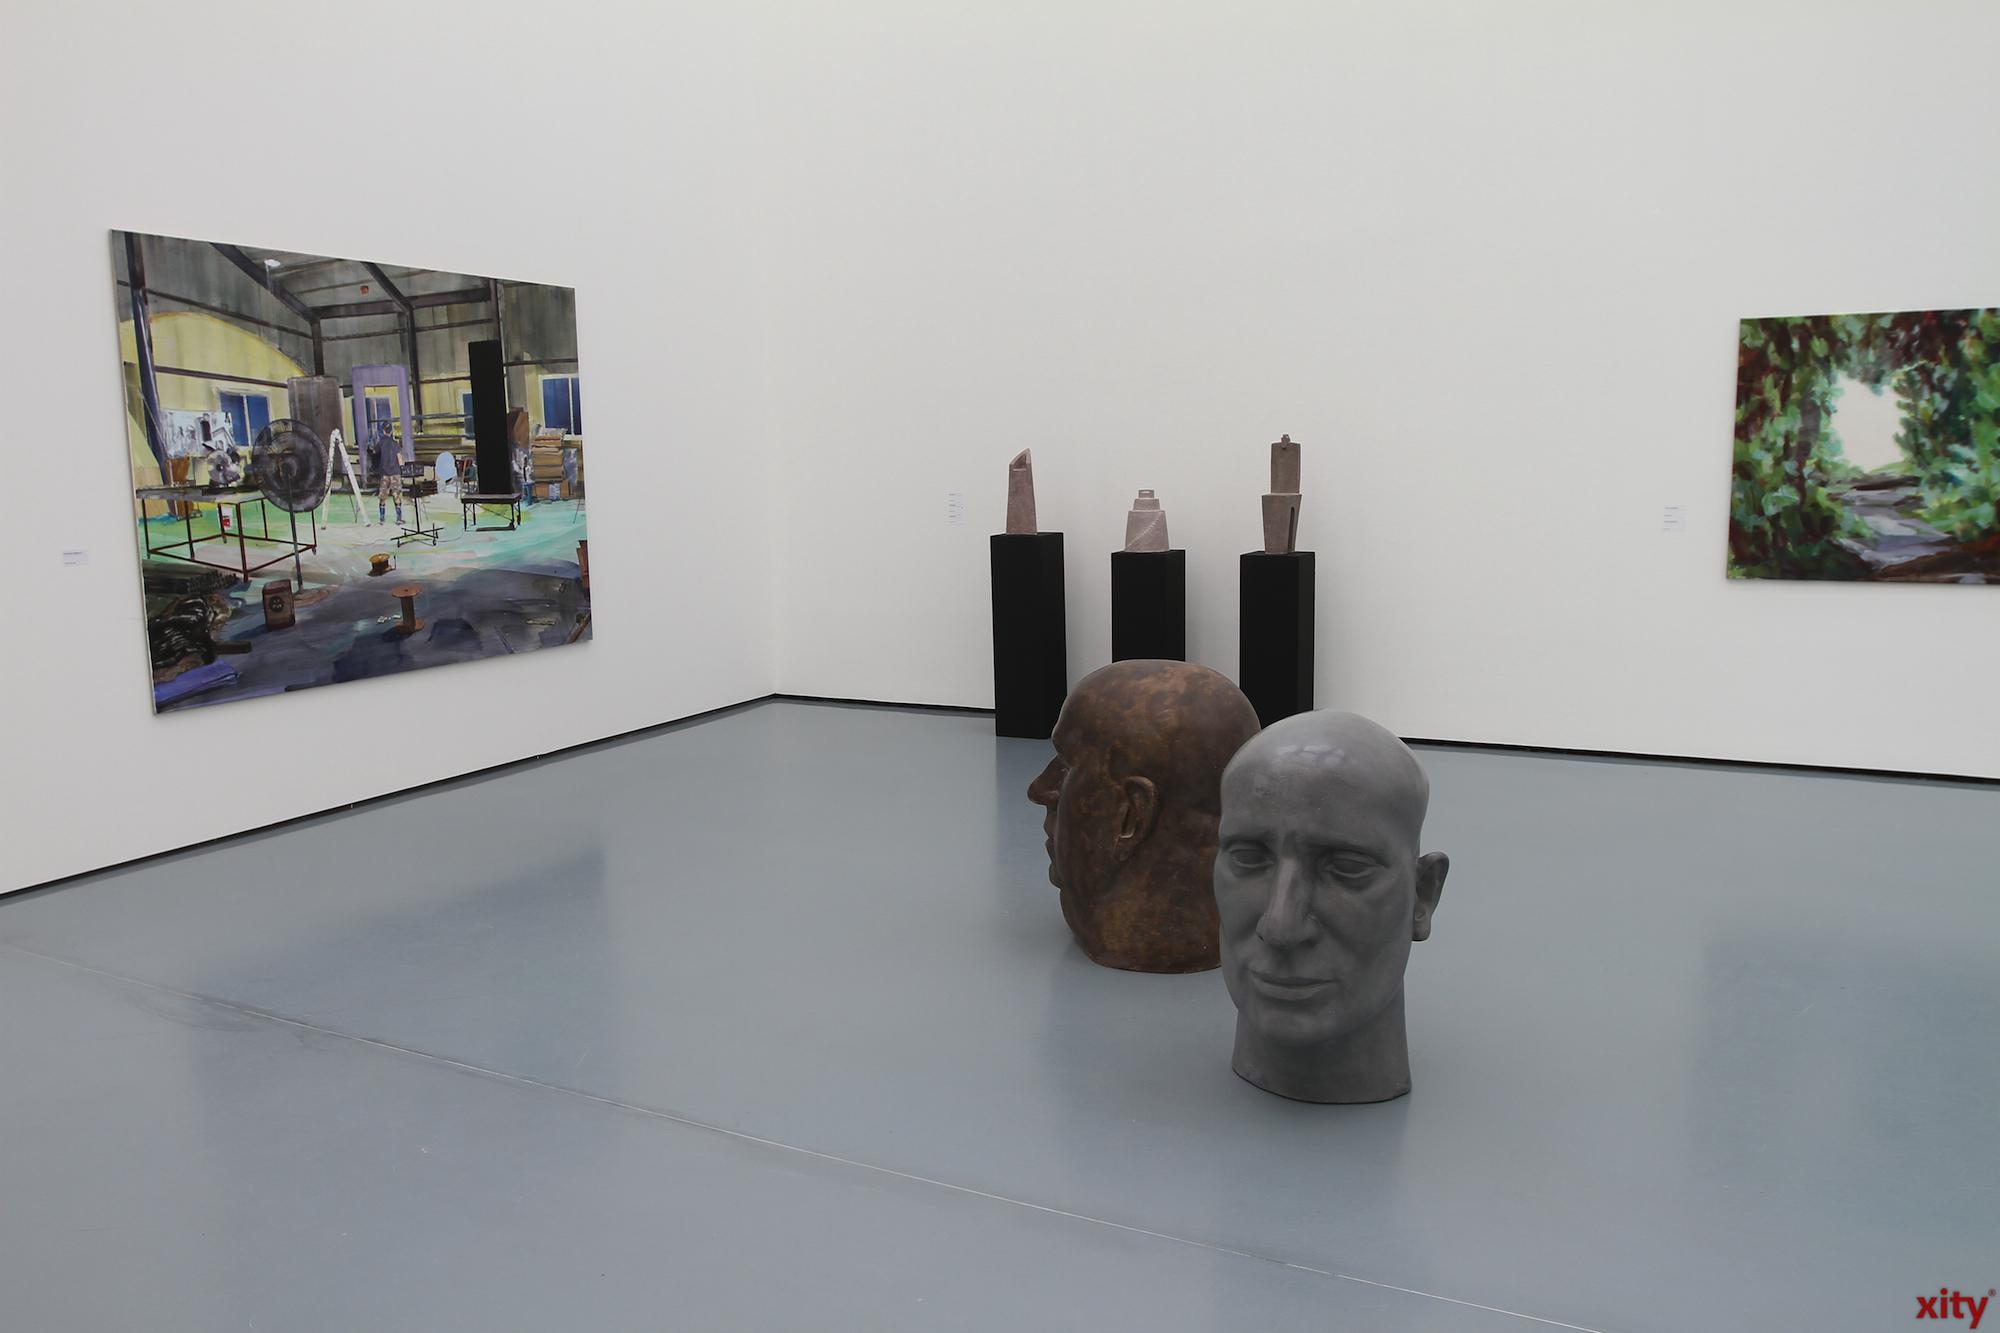 Verschiedenste künstlerische Positionen werden im Museum Kunstpalast gezeigt (Foto: xity)